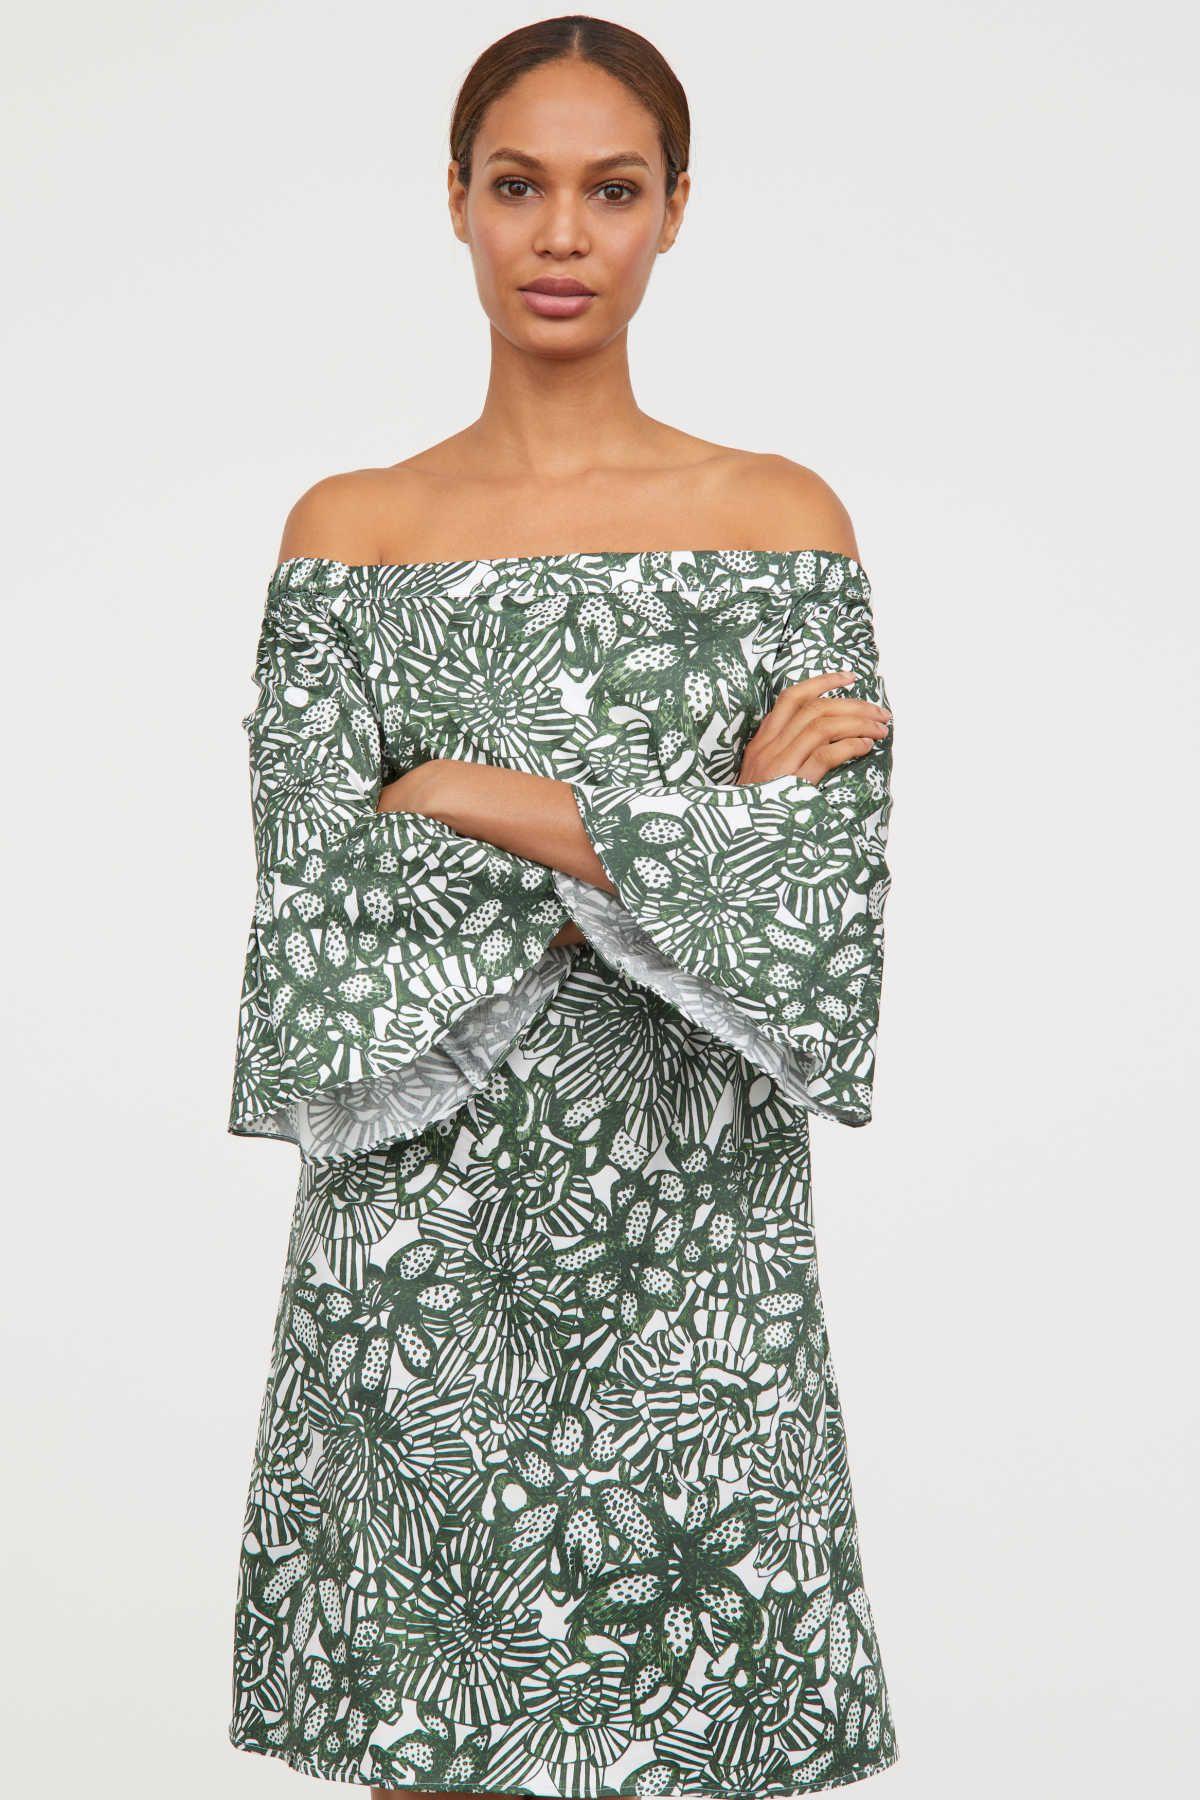 e82dd460b Vestido corto en tejido ligeramente elástico de algodón con brillo. Modelo  con hombros al descubierto